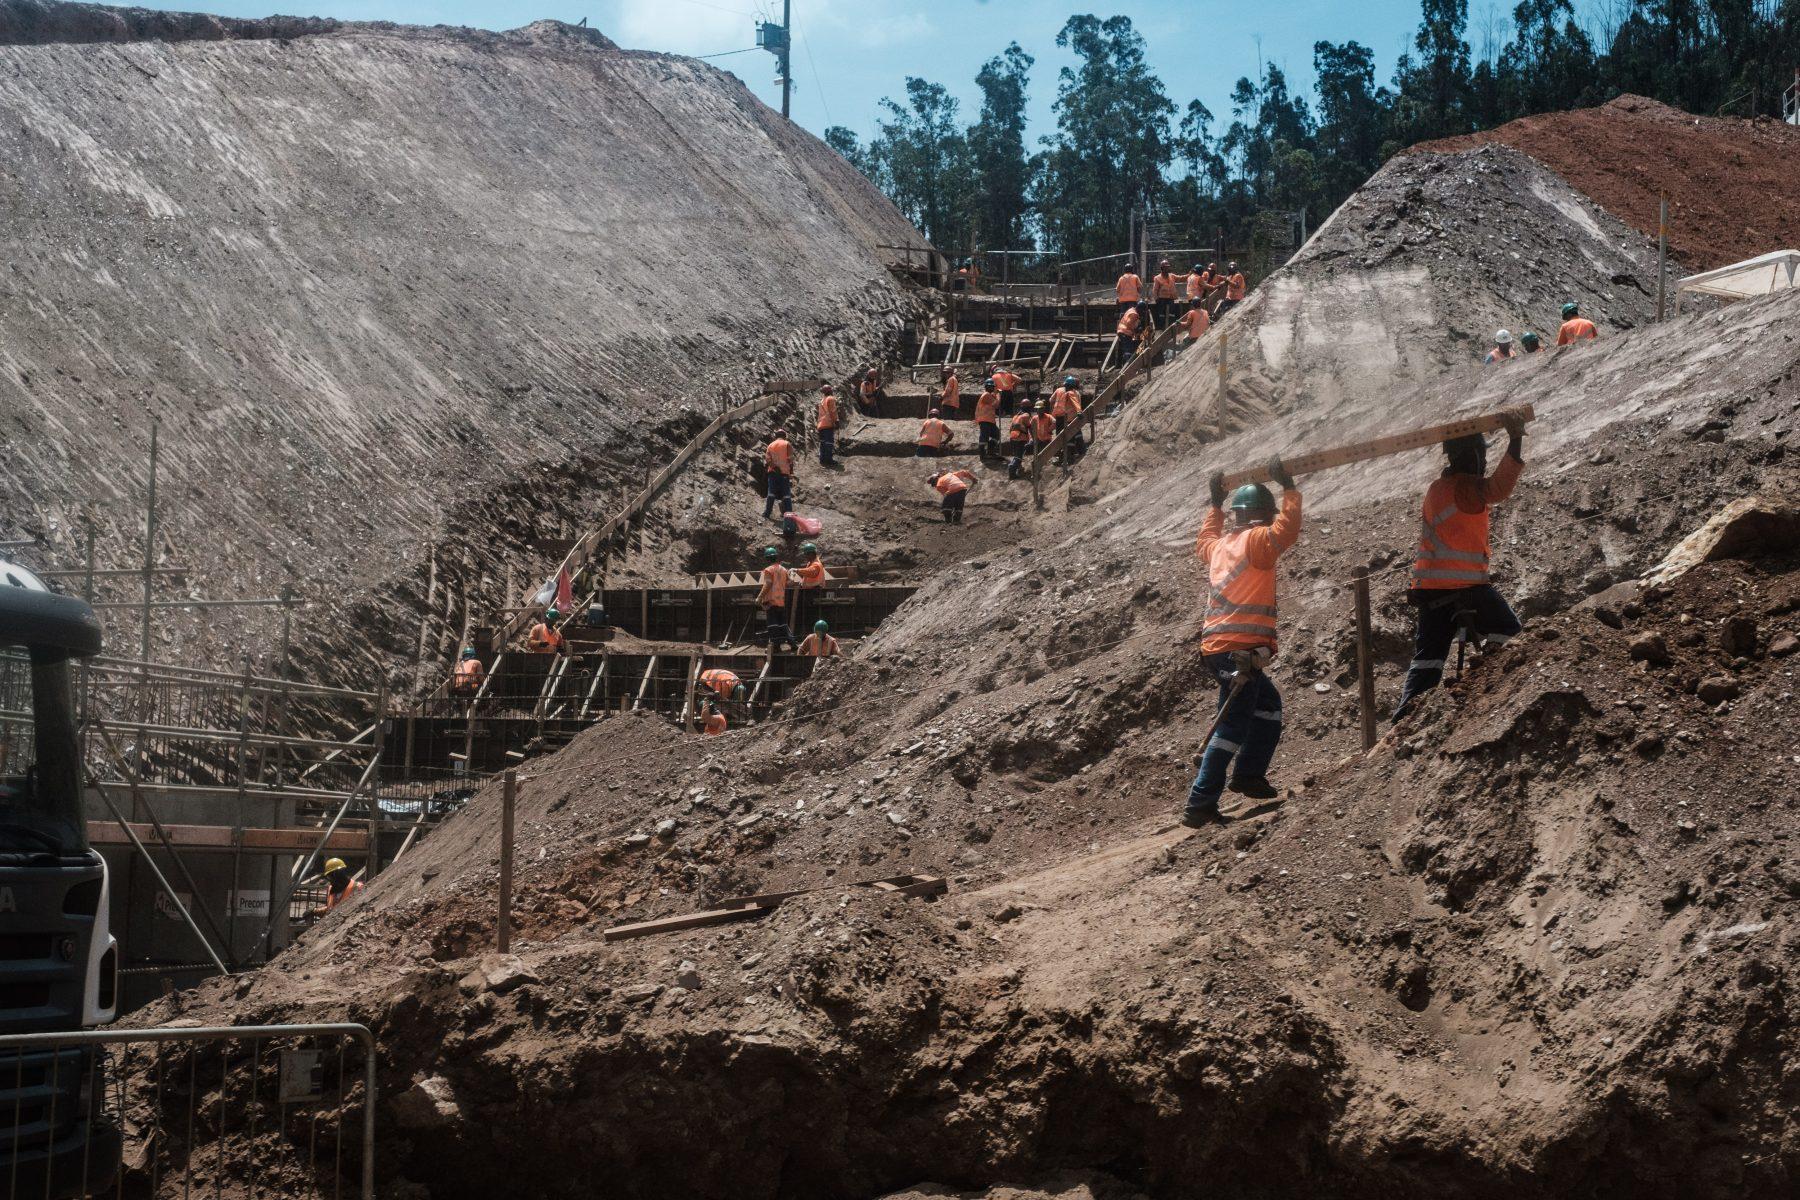 Reconstrucao da mina da Samarco, apos acidente em Mariana. Foto de Yasuyoshi Chiba/ AFP